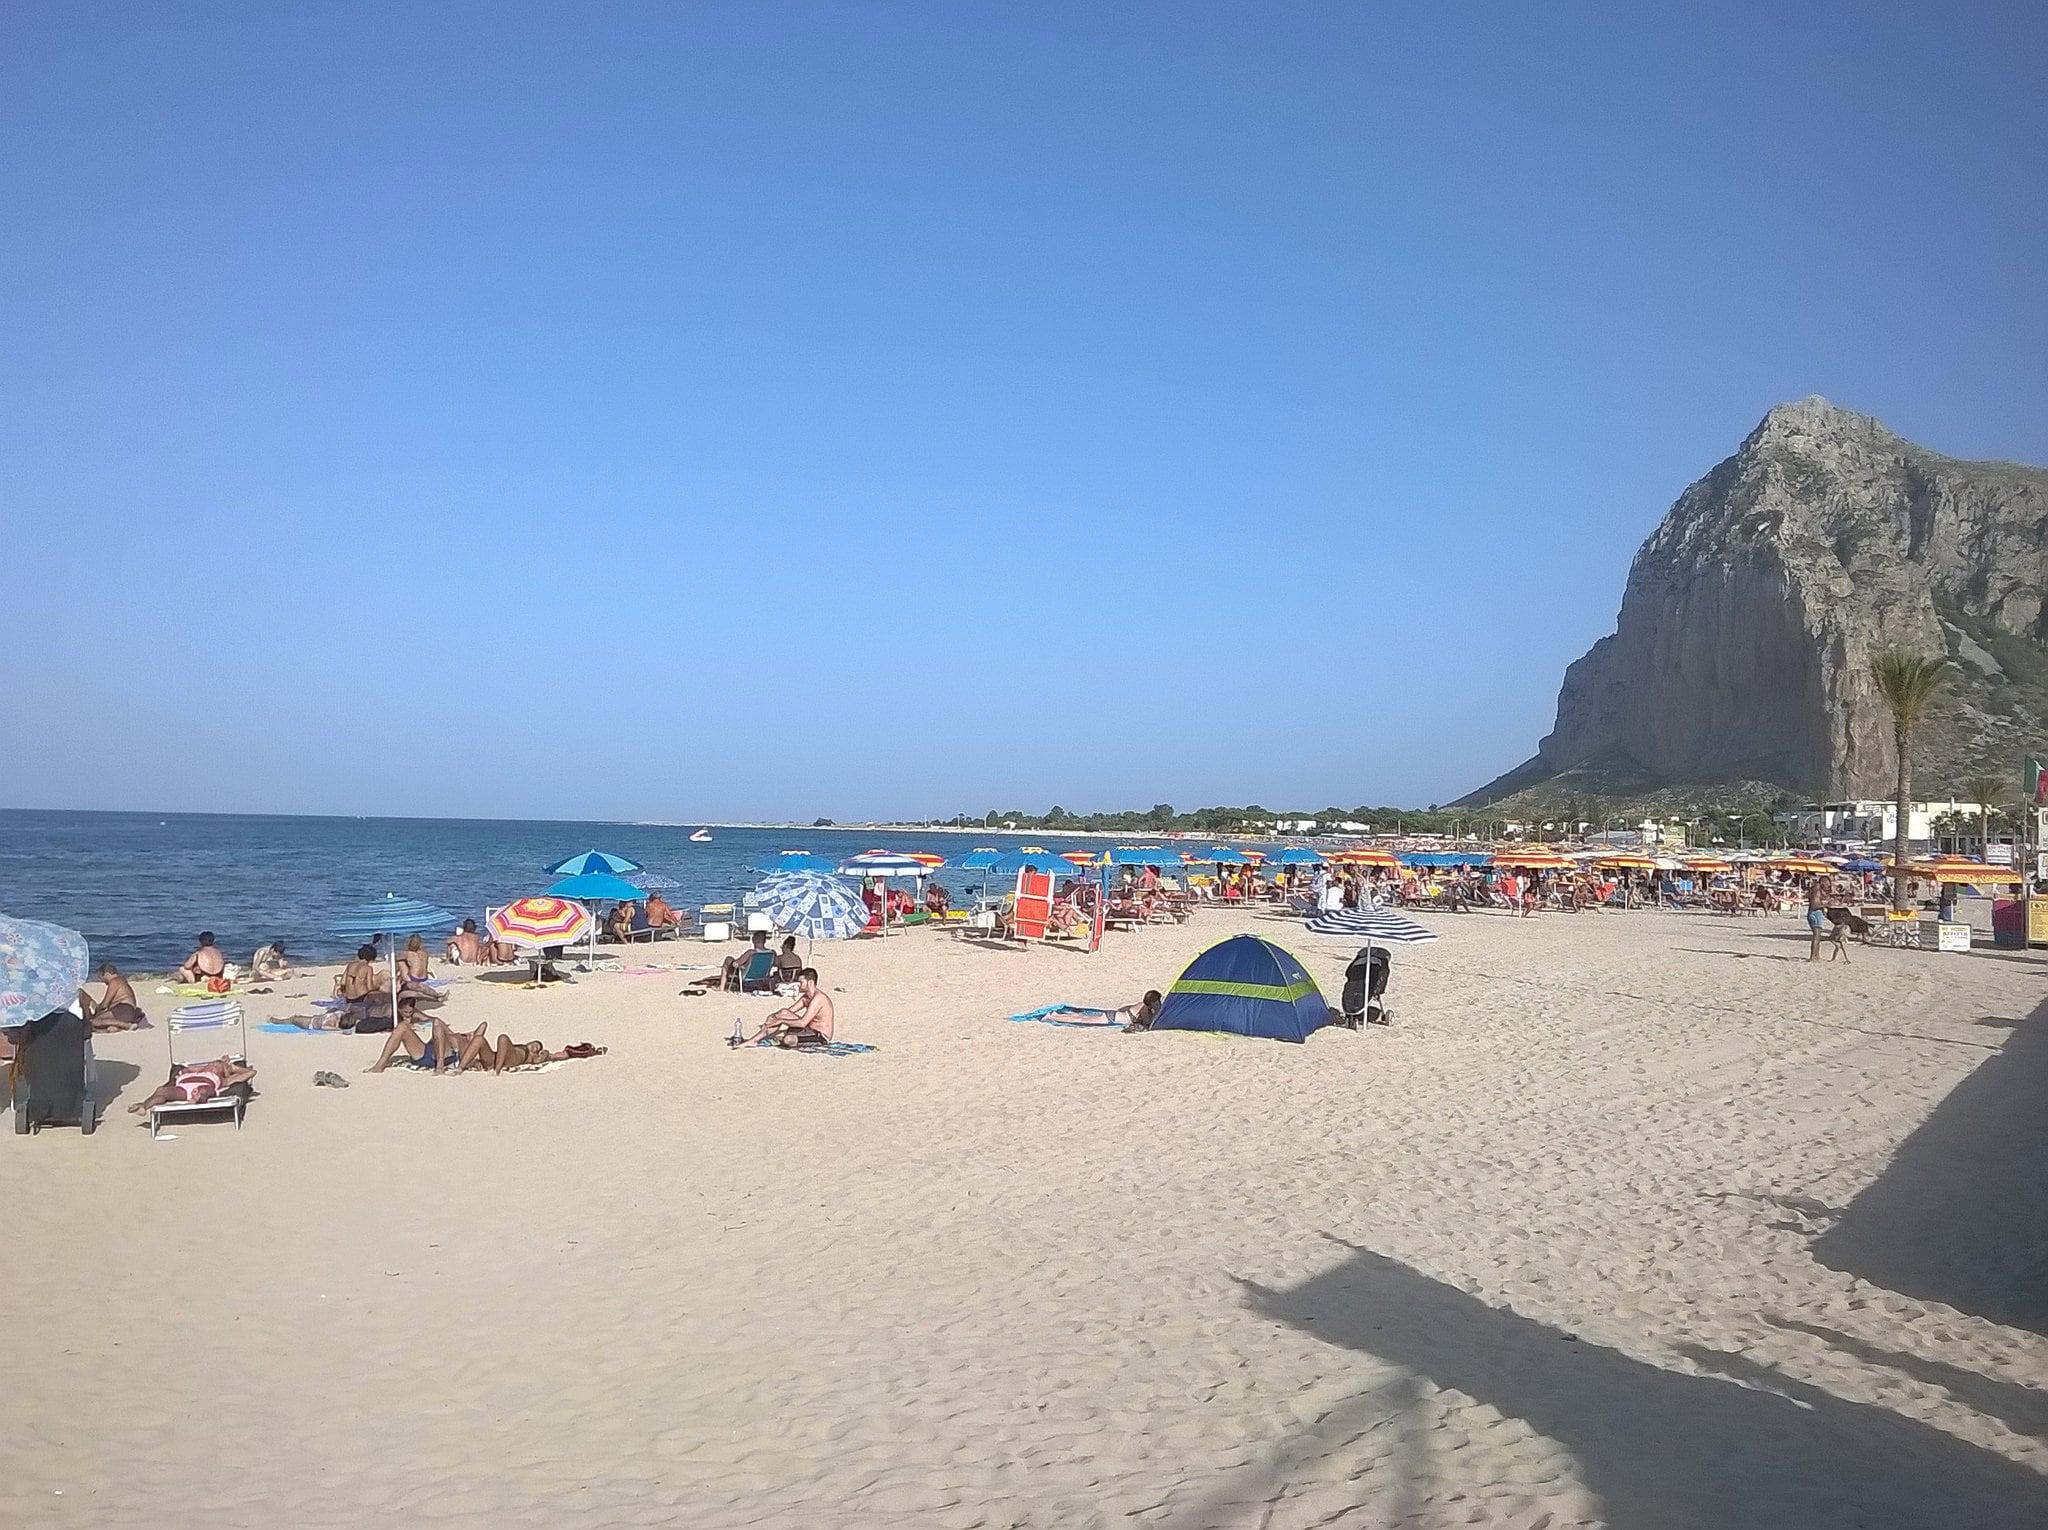 Spiaggia di San Vito Lo Capo 的形象.